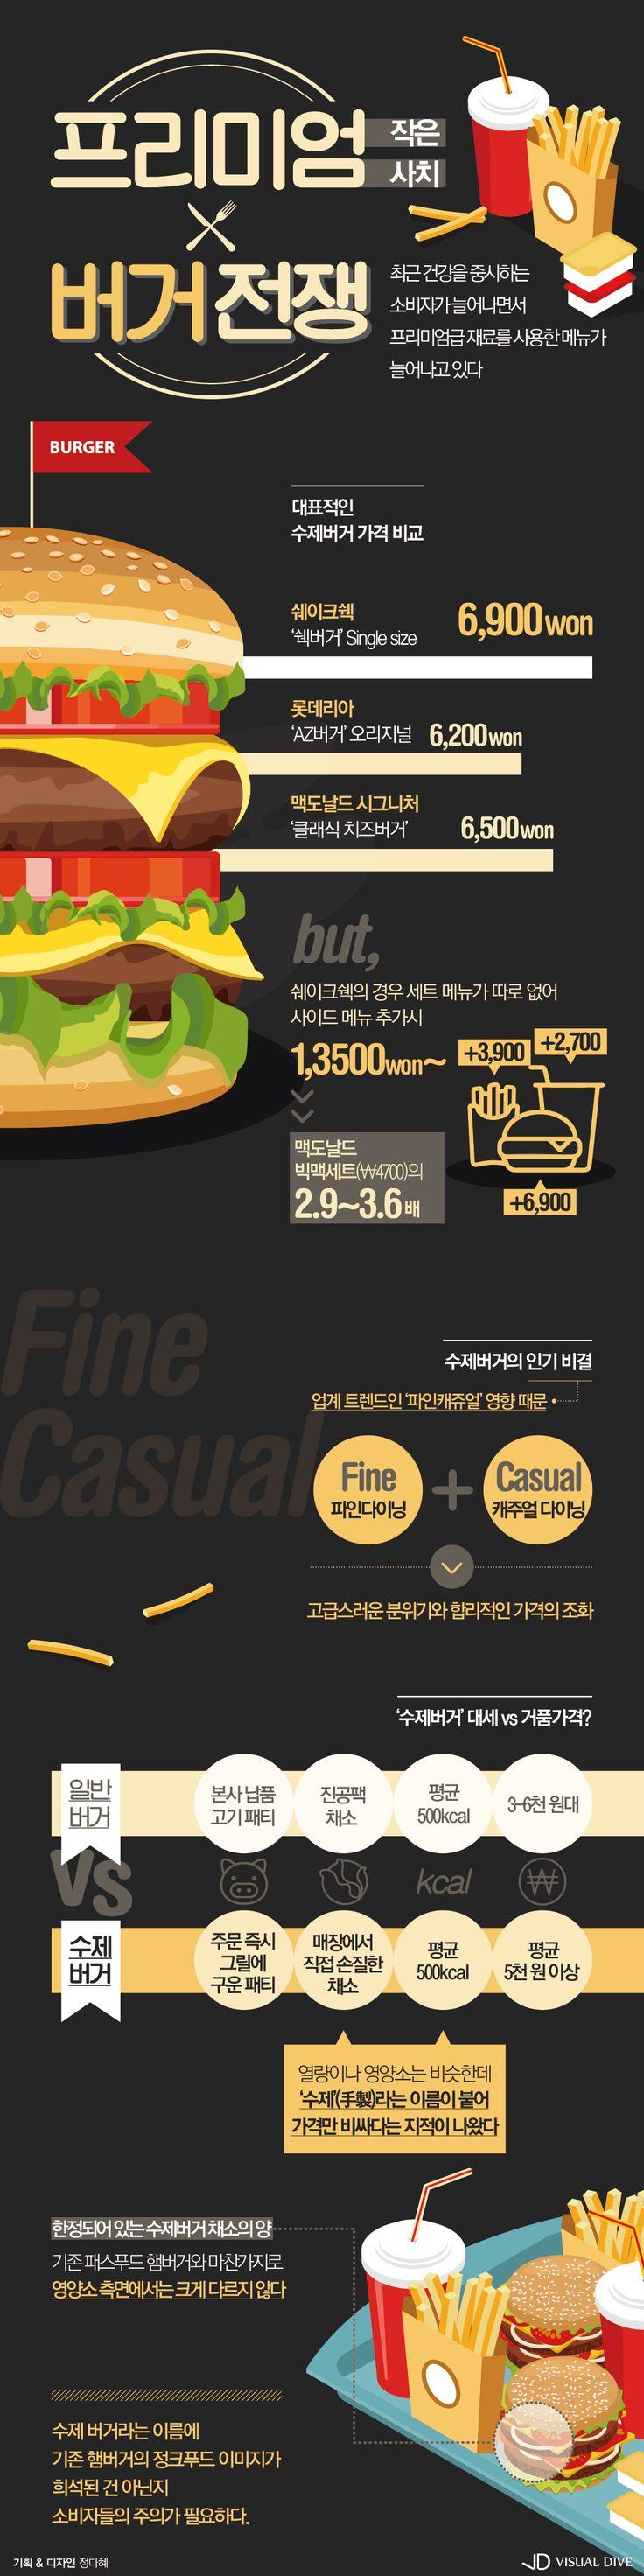 """""""이왕이면 핸드메이드"""" 프리미엄 버거전쟁 [인포그래픽] [인포그래픽] #Hamburger / #Infographic ⓒ 비주얼다이브 무단…"""